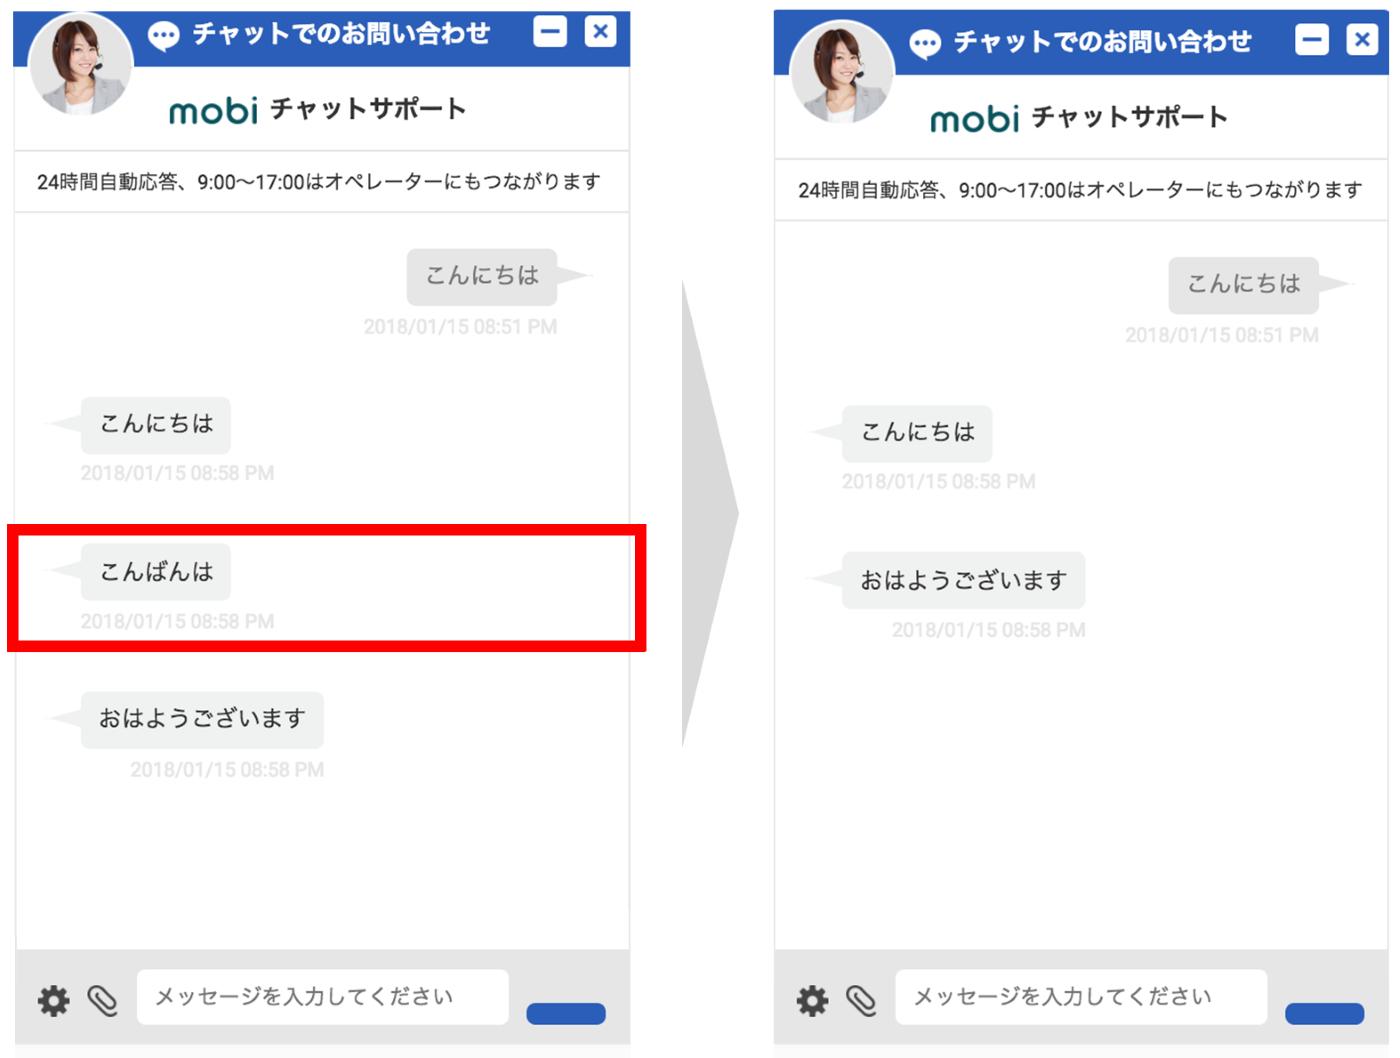 削除予約メッセージのゲストユーザー画面反映